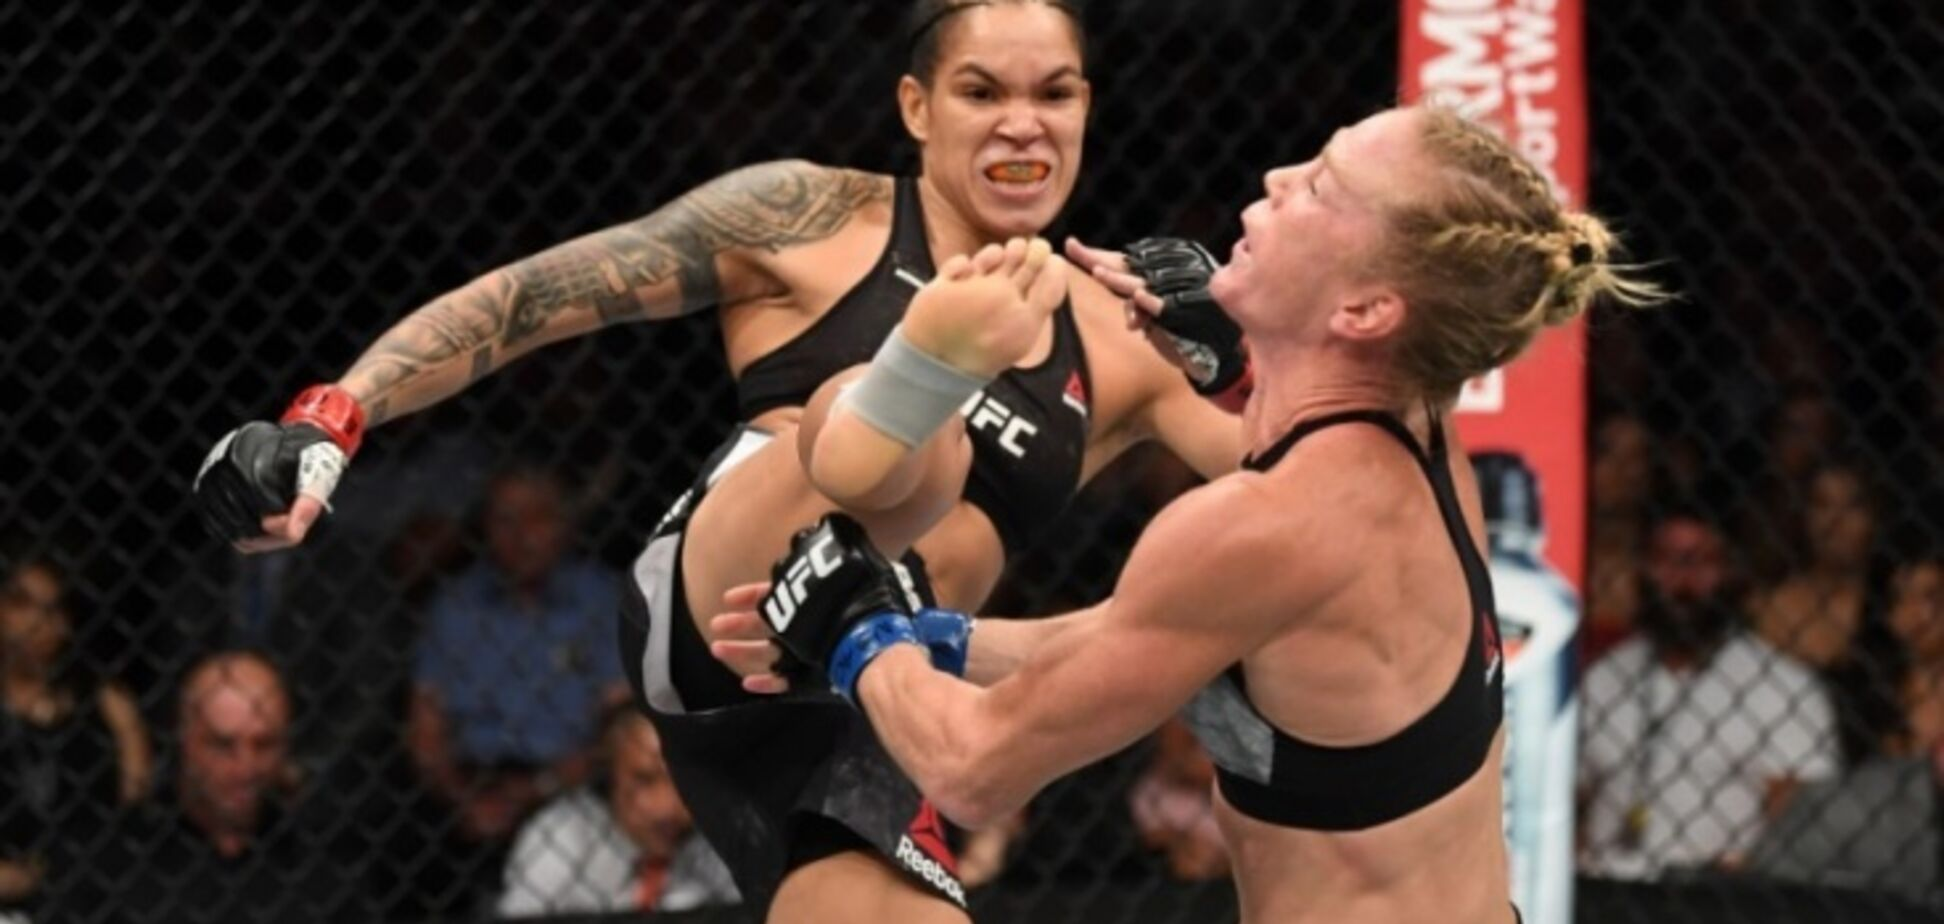 С ноги в голову: чемпионка UFC победила кошмарным нокаутом